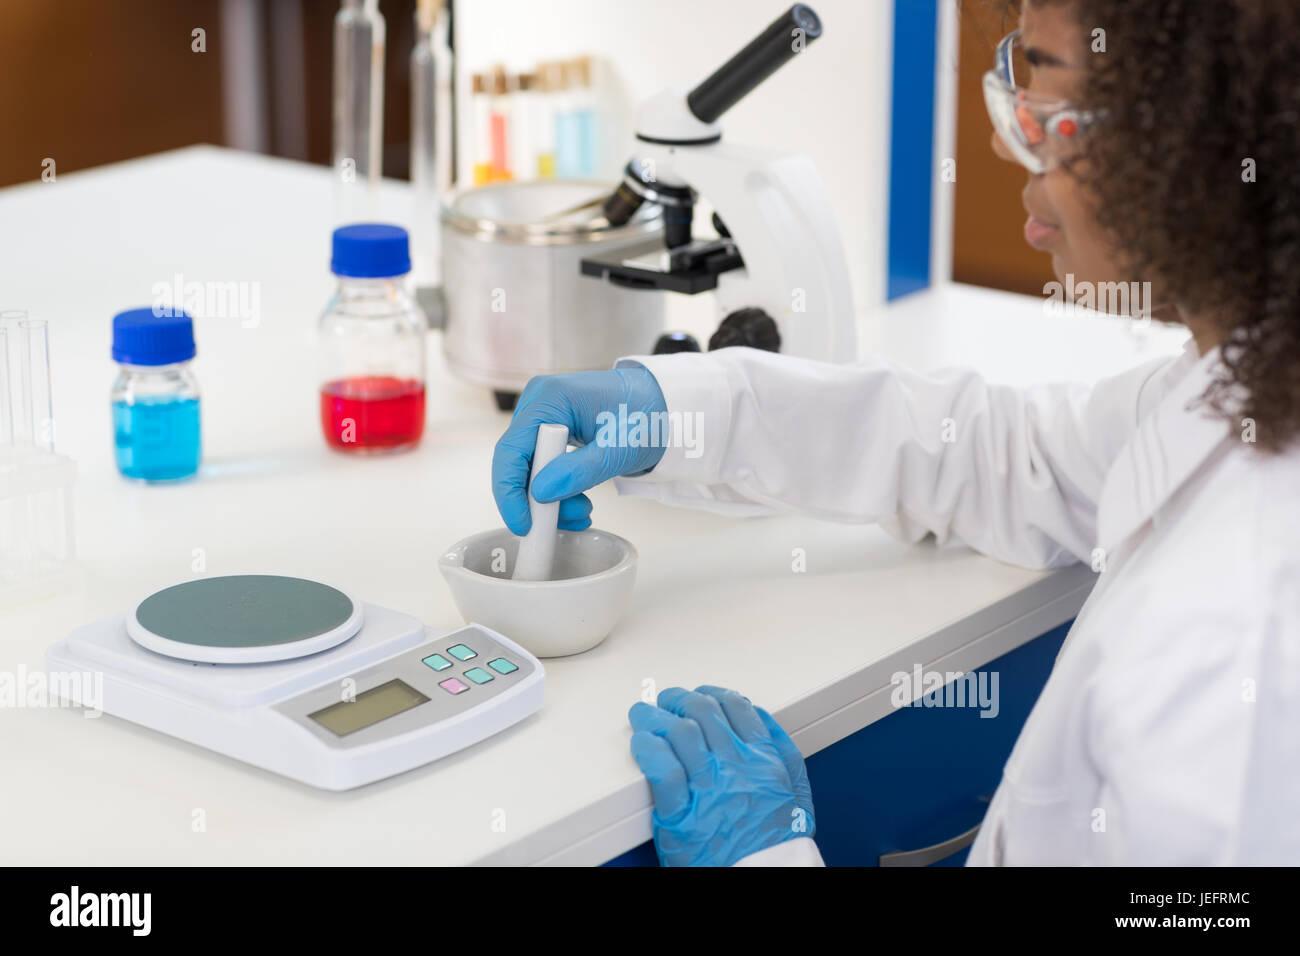 Wissenschaftlerin, die Verwendung von Mörtel arbeiten im Labor machen Chemikalien Pulver für Experiment Stockbild